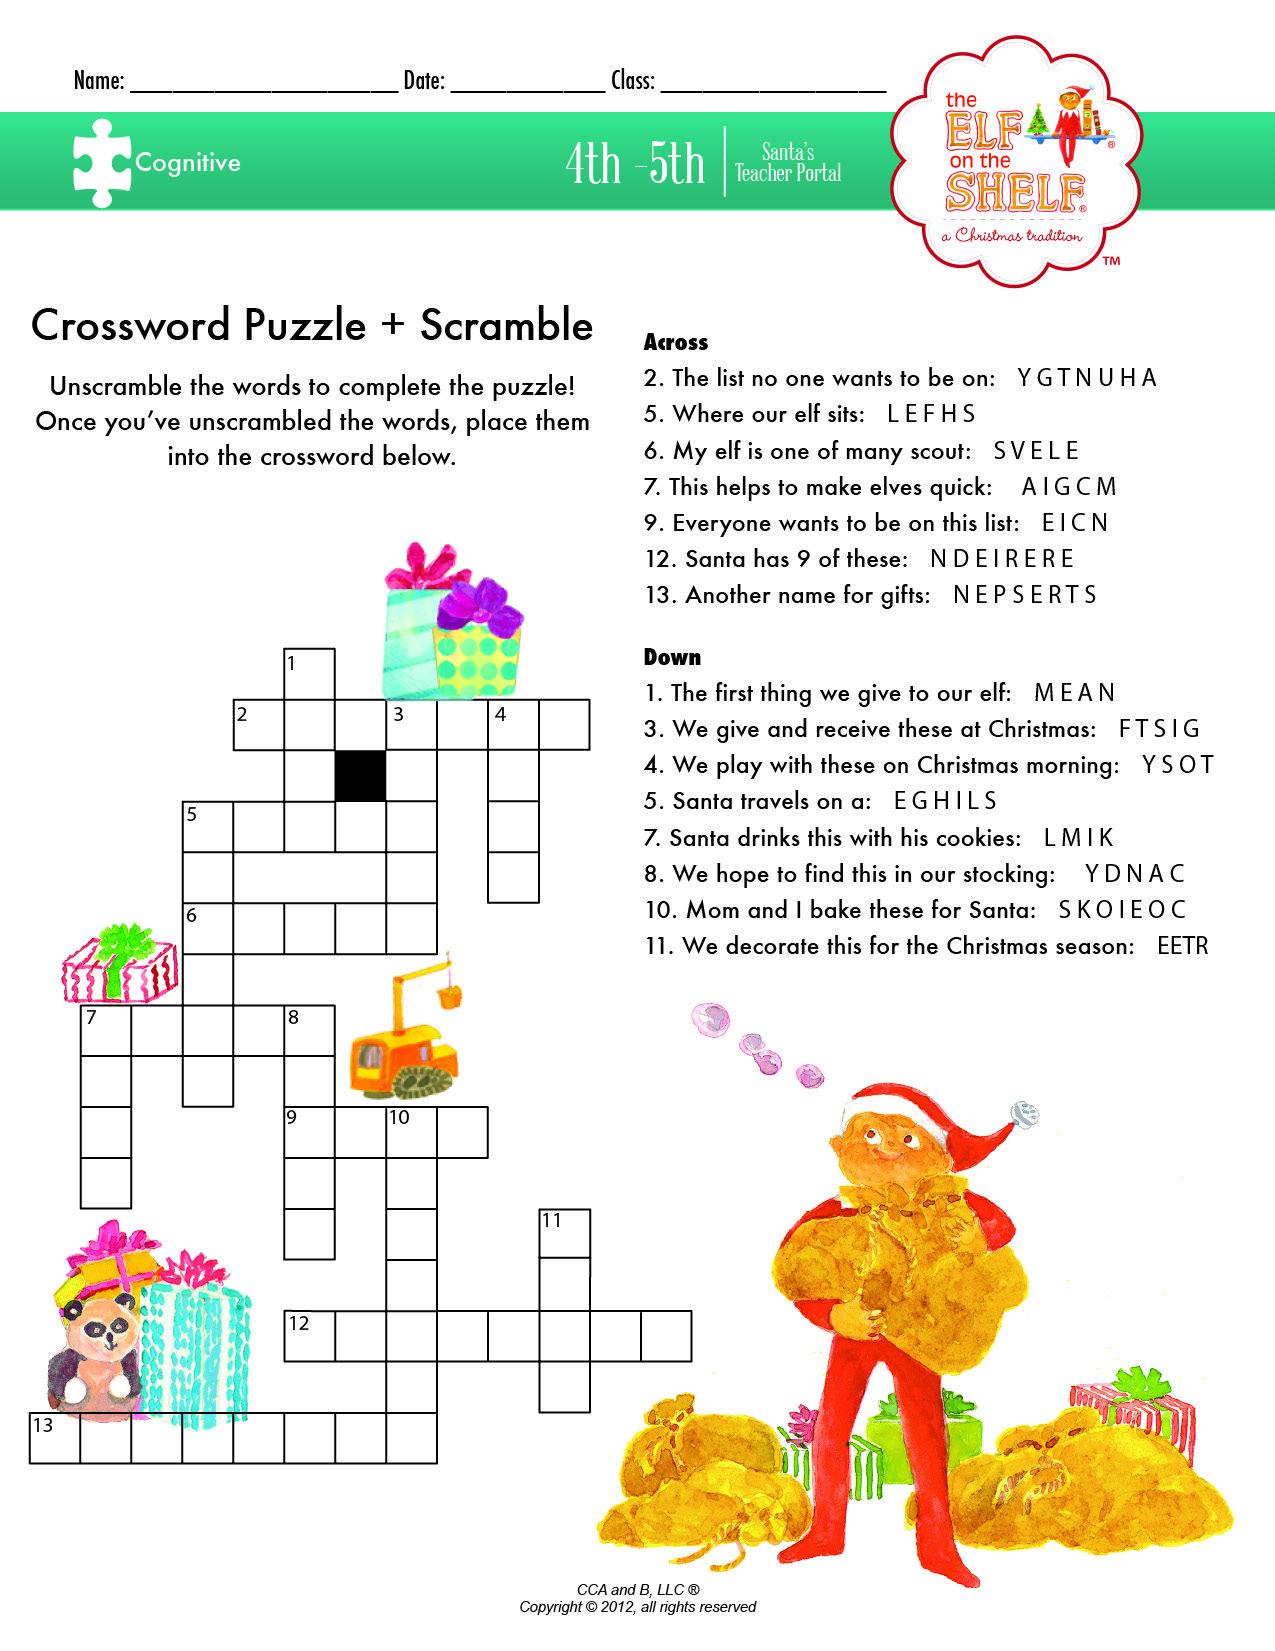 Crossword Puzzle Scramble A 4th 5th Grade Lesson Plan